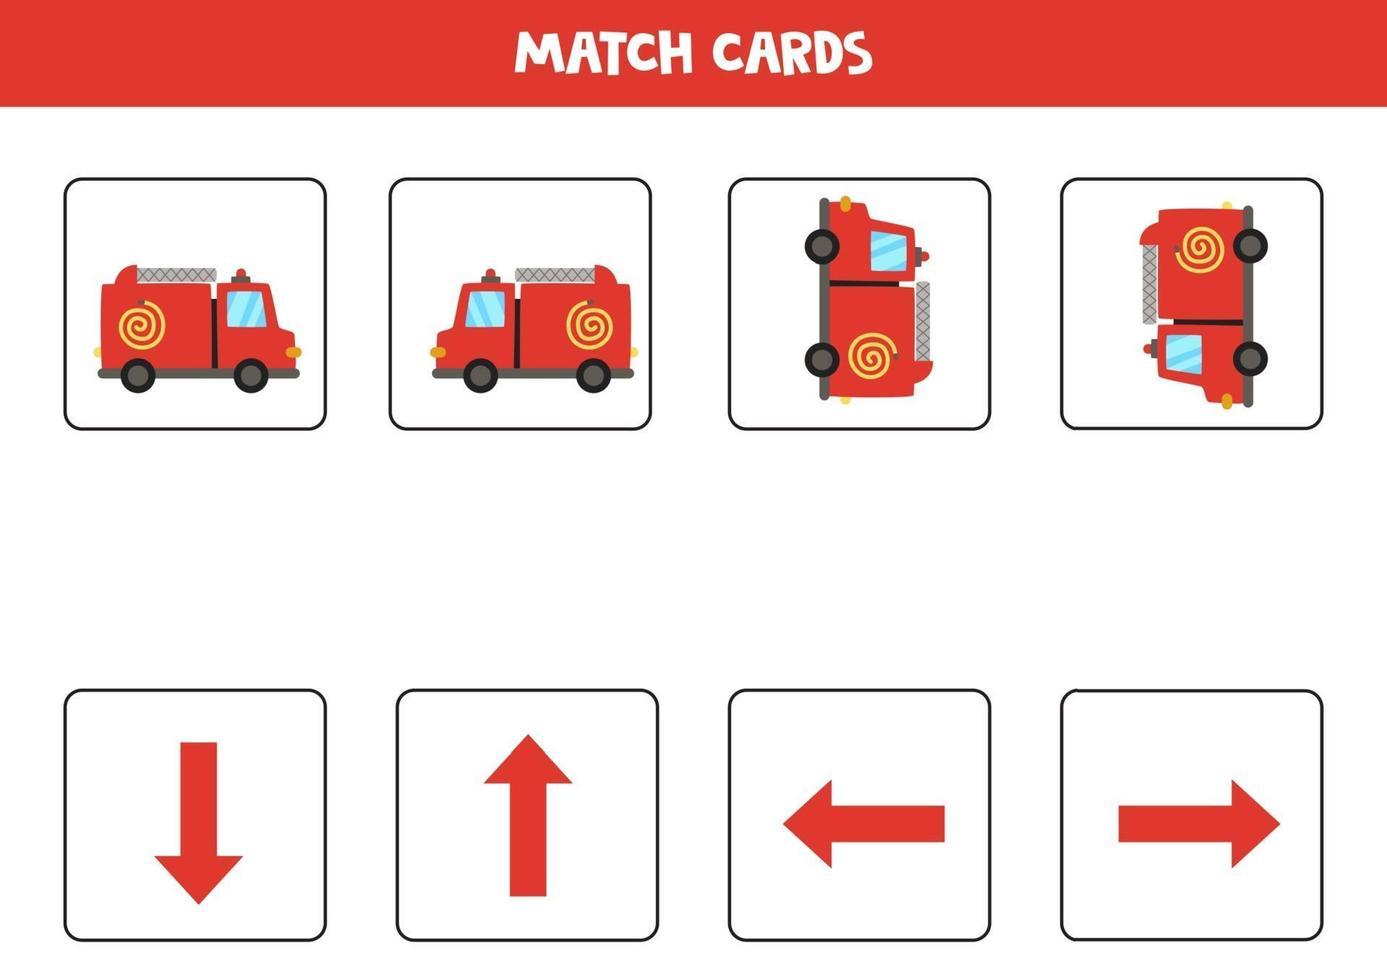 izquierda, derecha, arriba o abajo. Orientación espacial con camión de bomberos de dibujos animados. vector